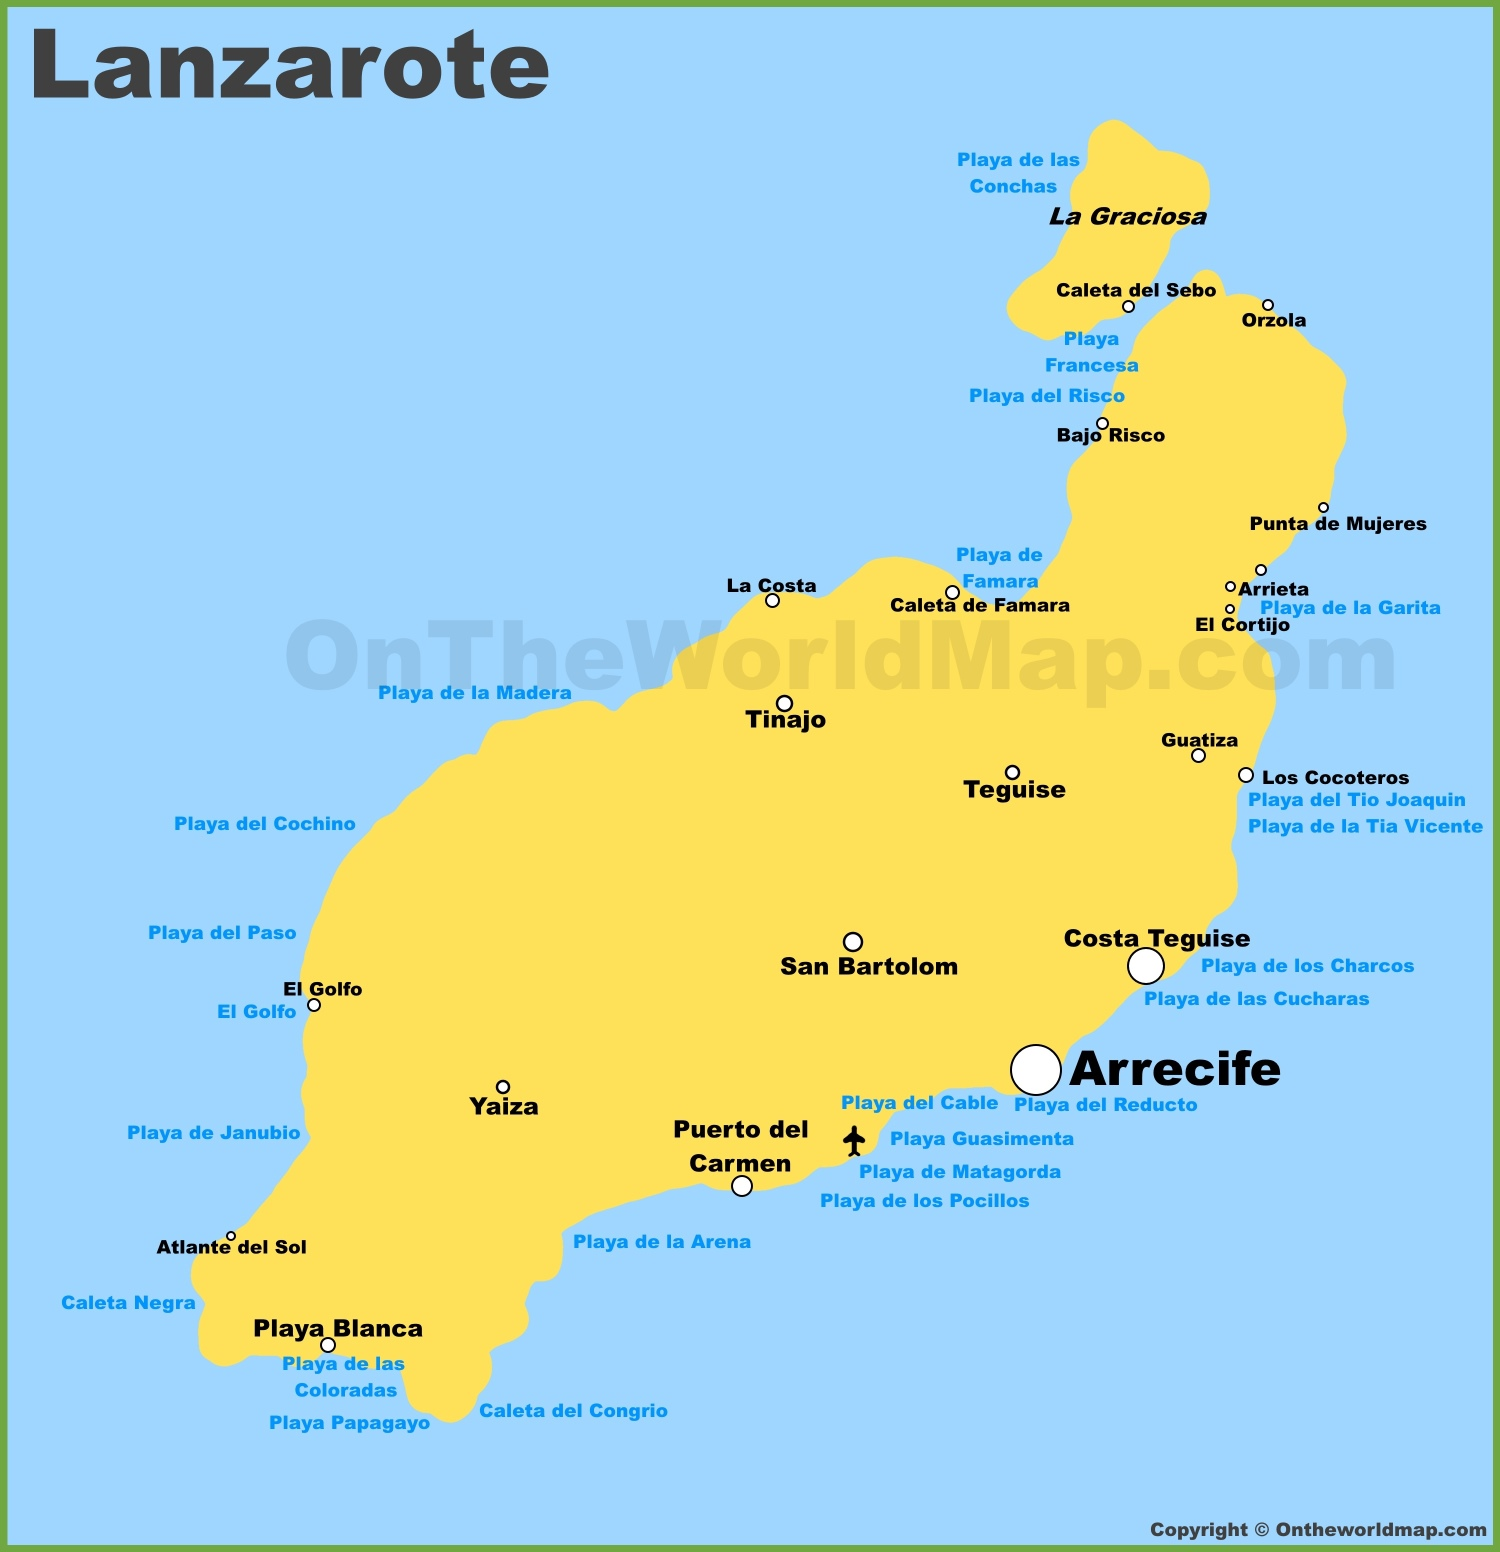 Map Of Lanzarote Lanzarote Maps | Canary Islands, Spain | Map of Lanzarote Map Of Lanzarote